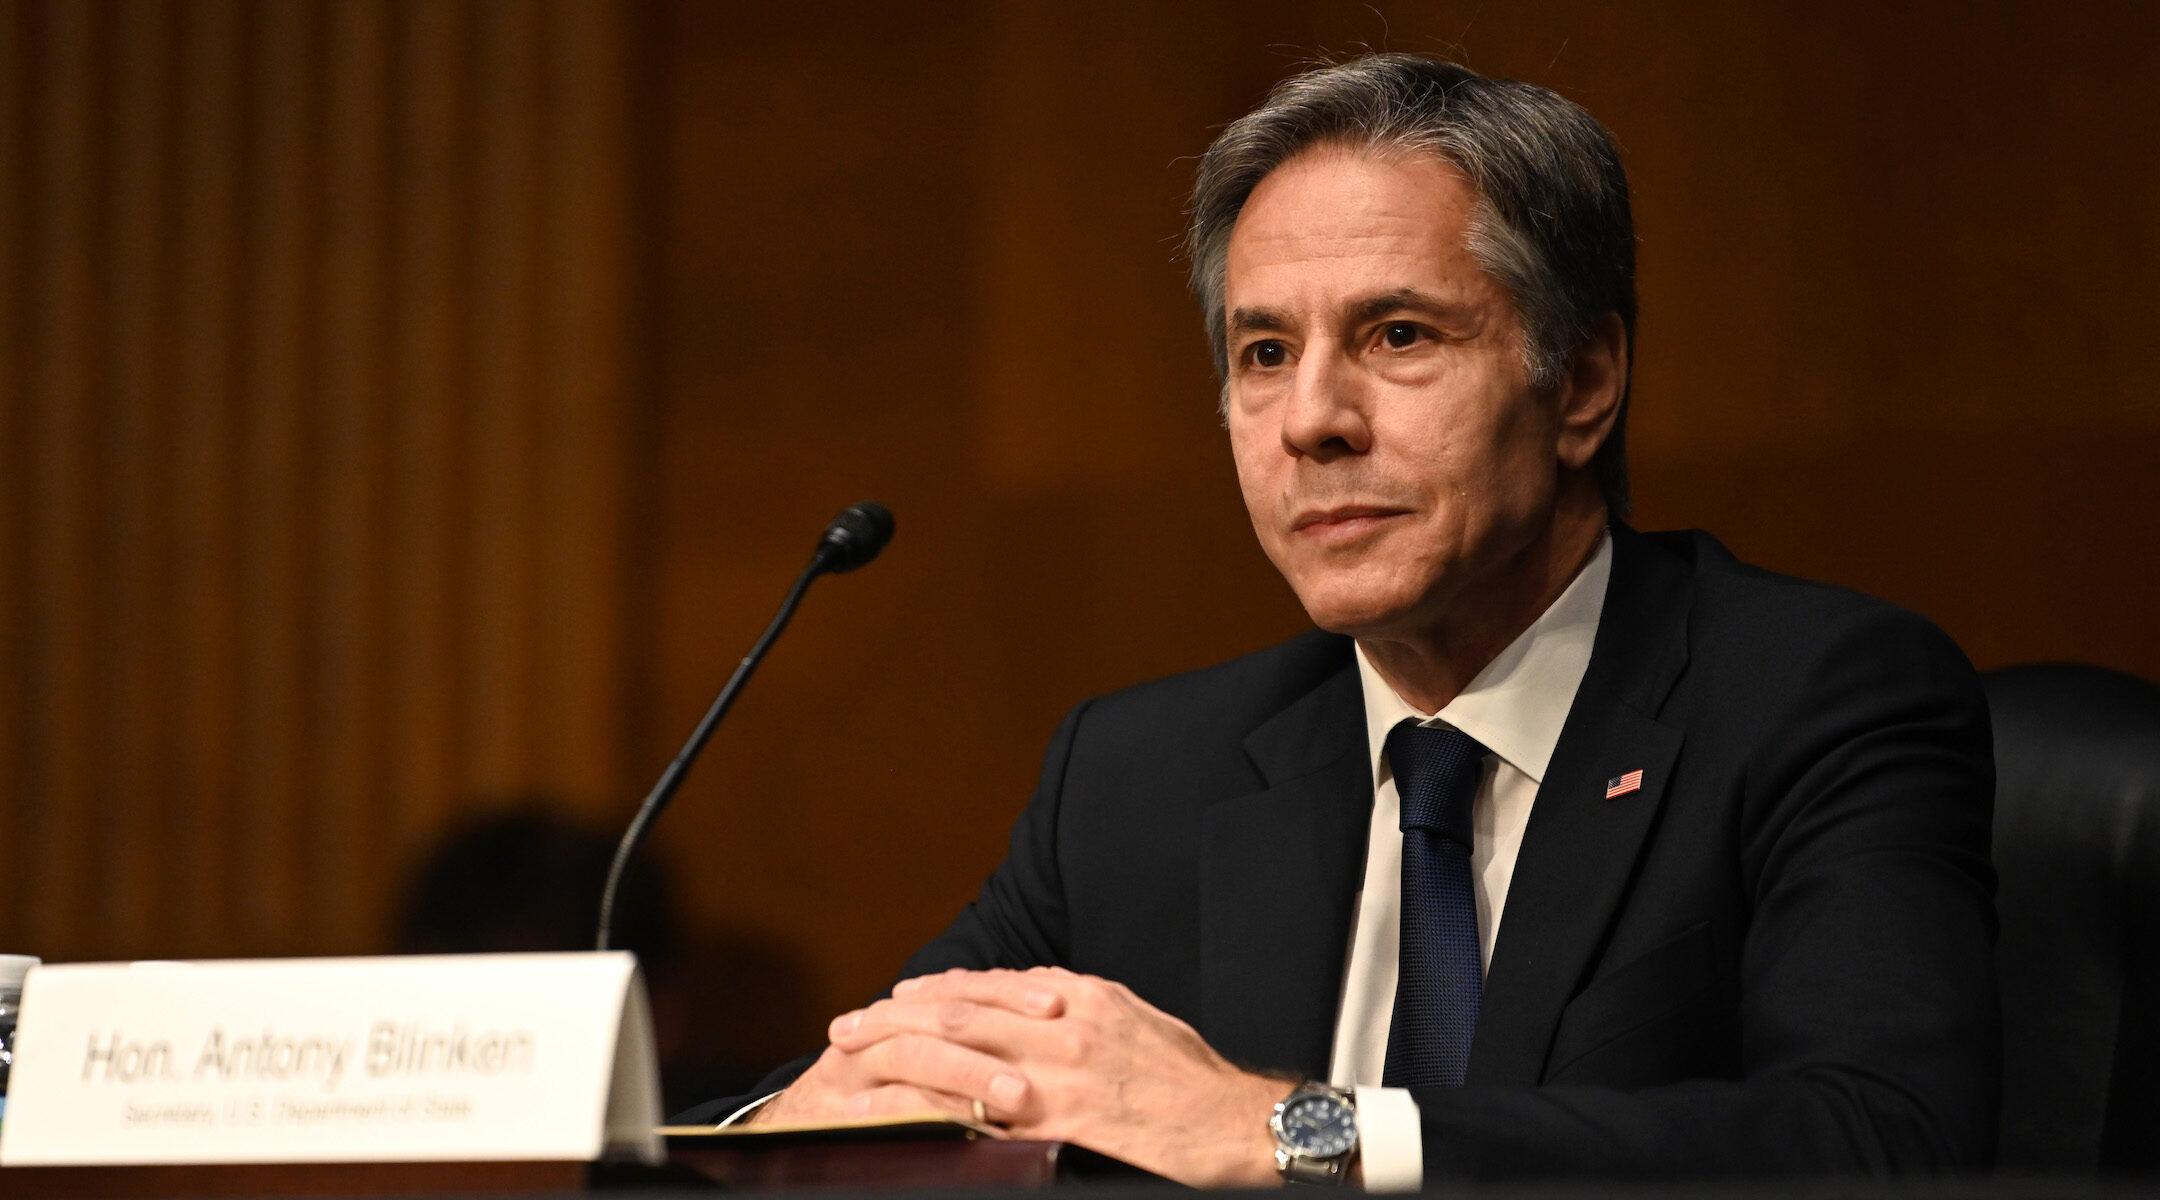 U.S. Secretary of State Anthony Blinken